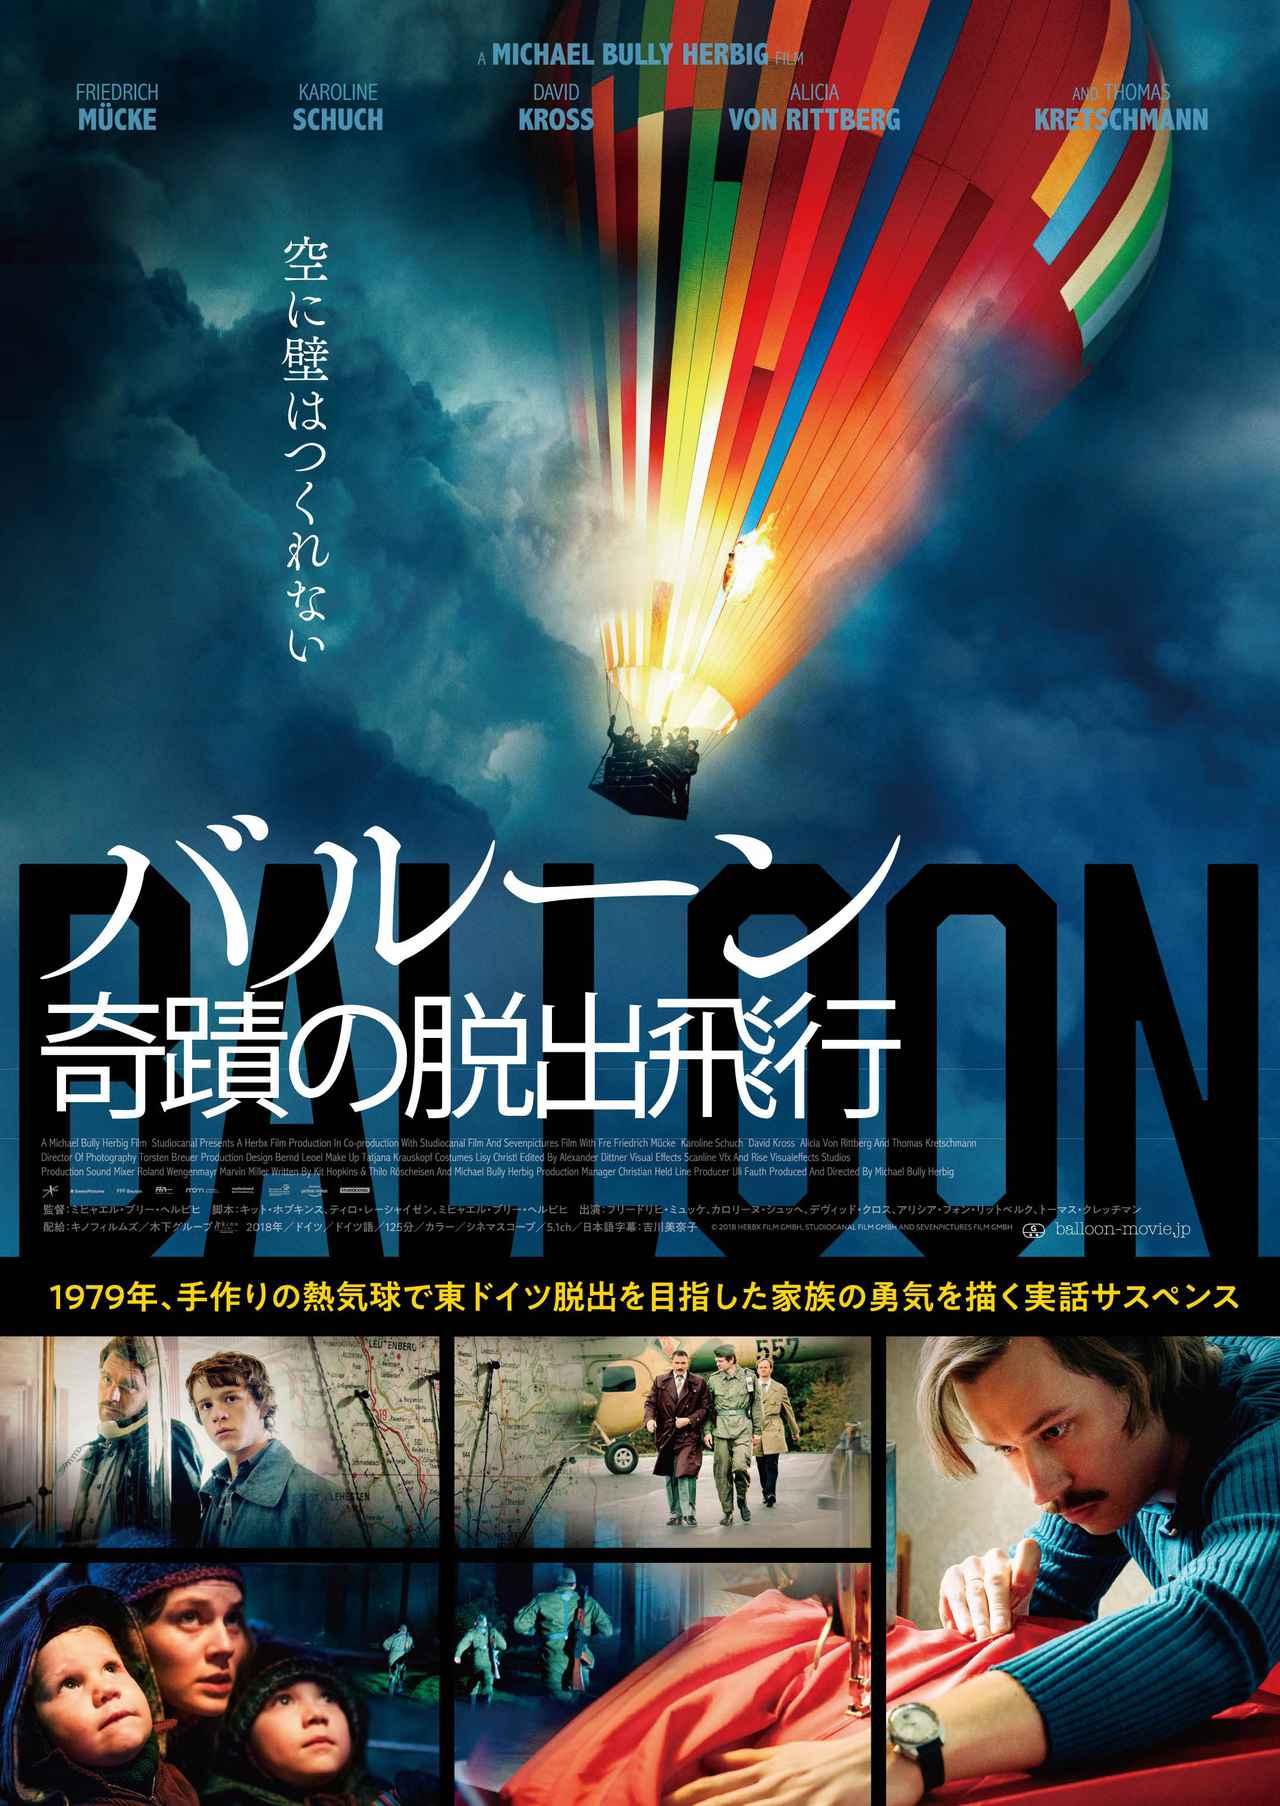 画像1: 手作りの熱気球で国境突破!? 実話サスペンス映画の予告が公開